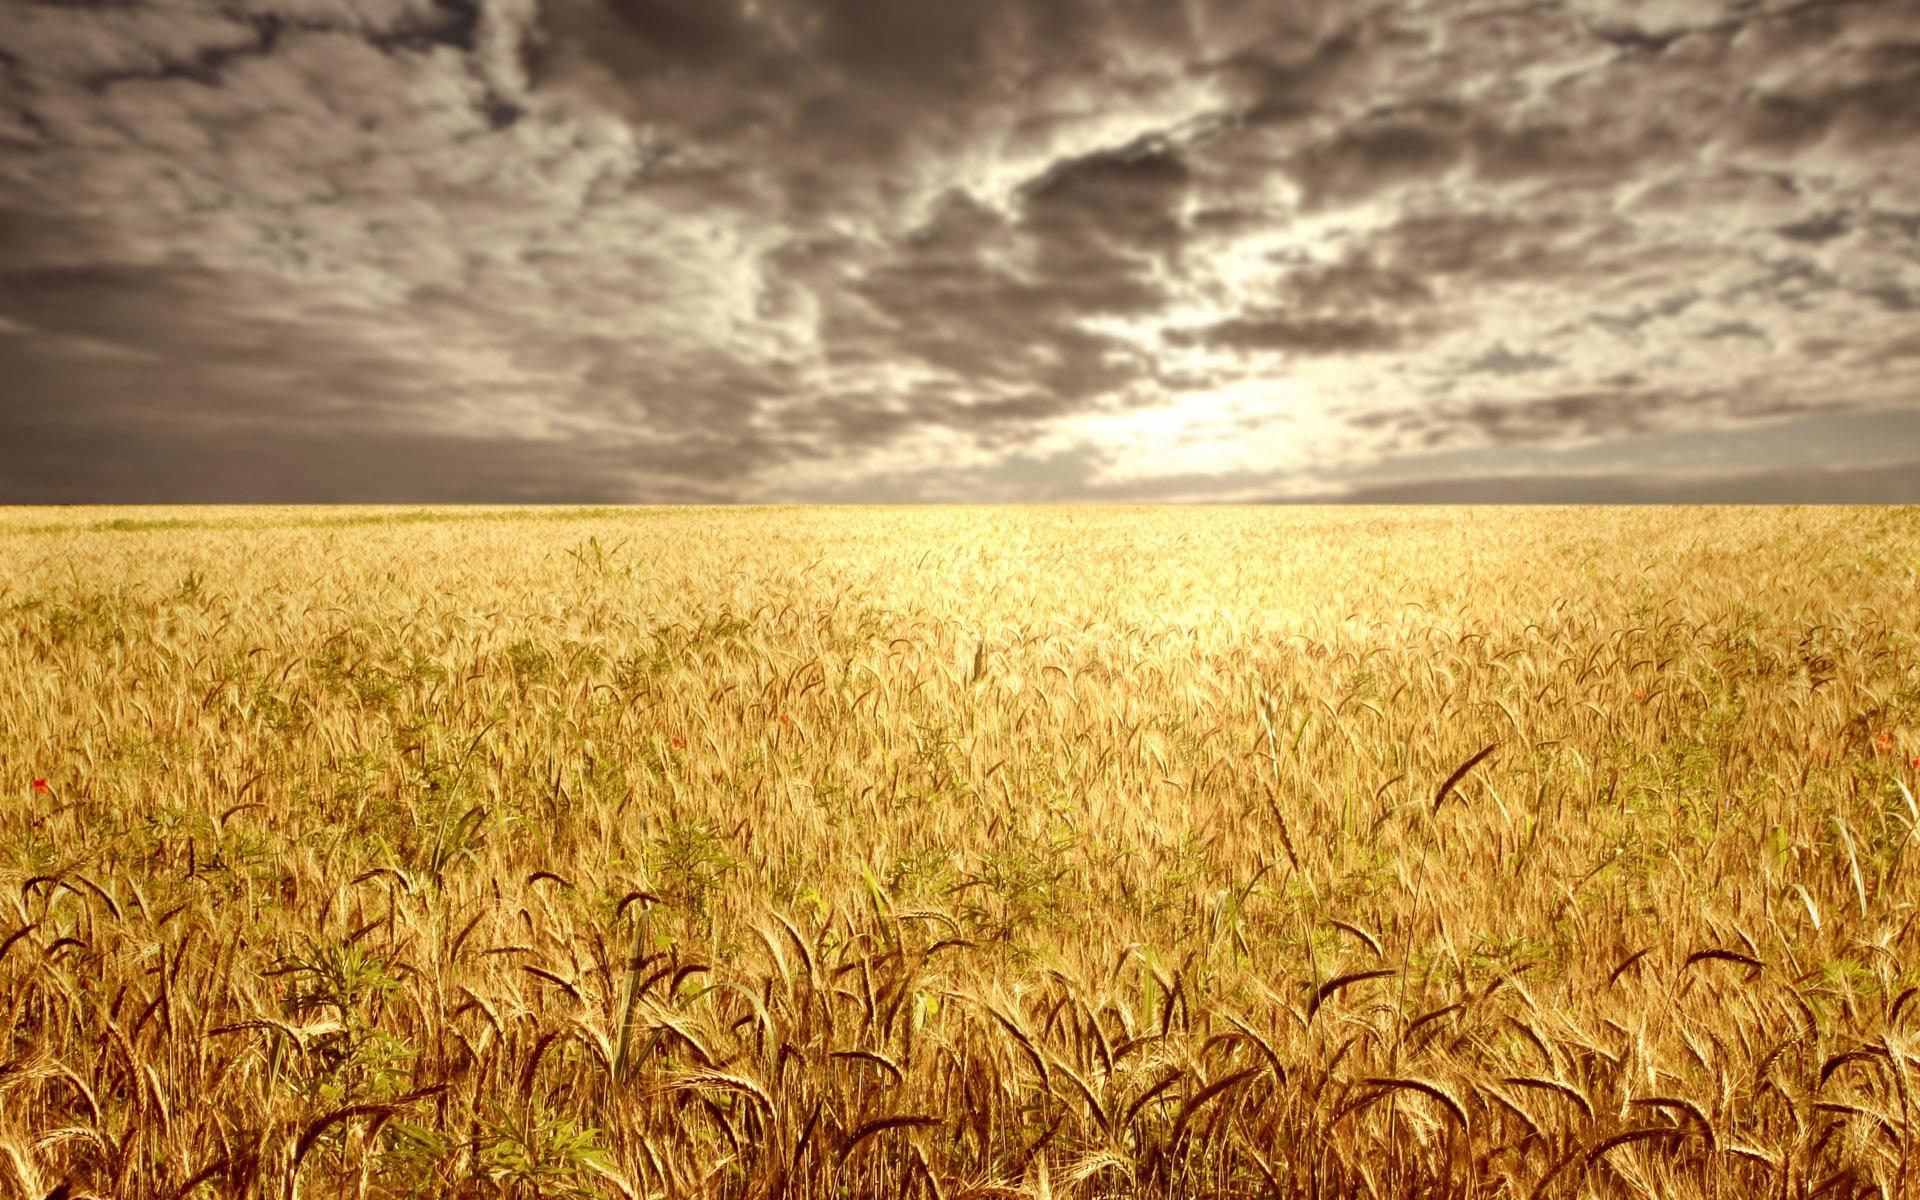 Weat fields